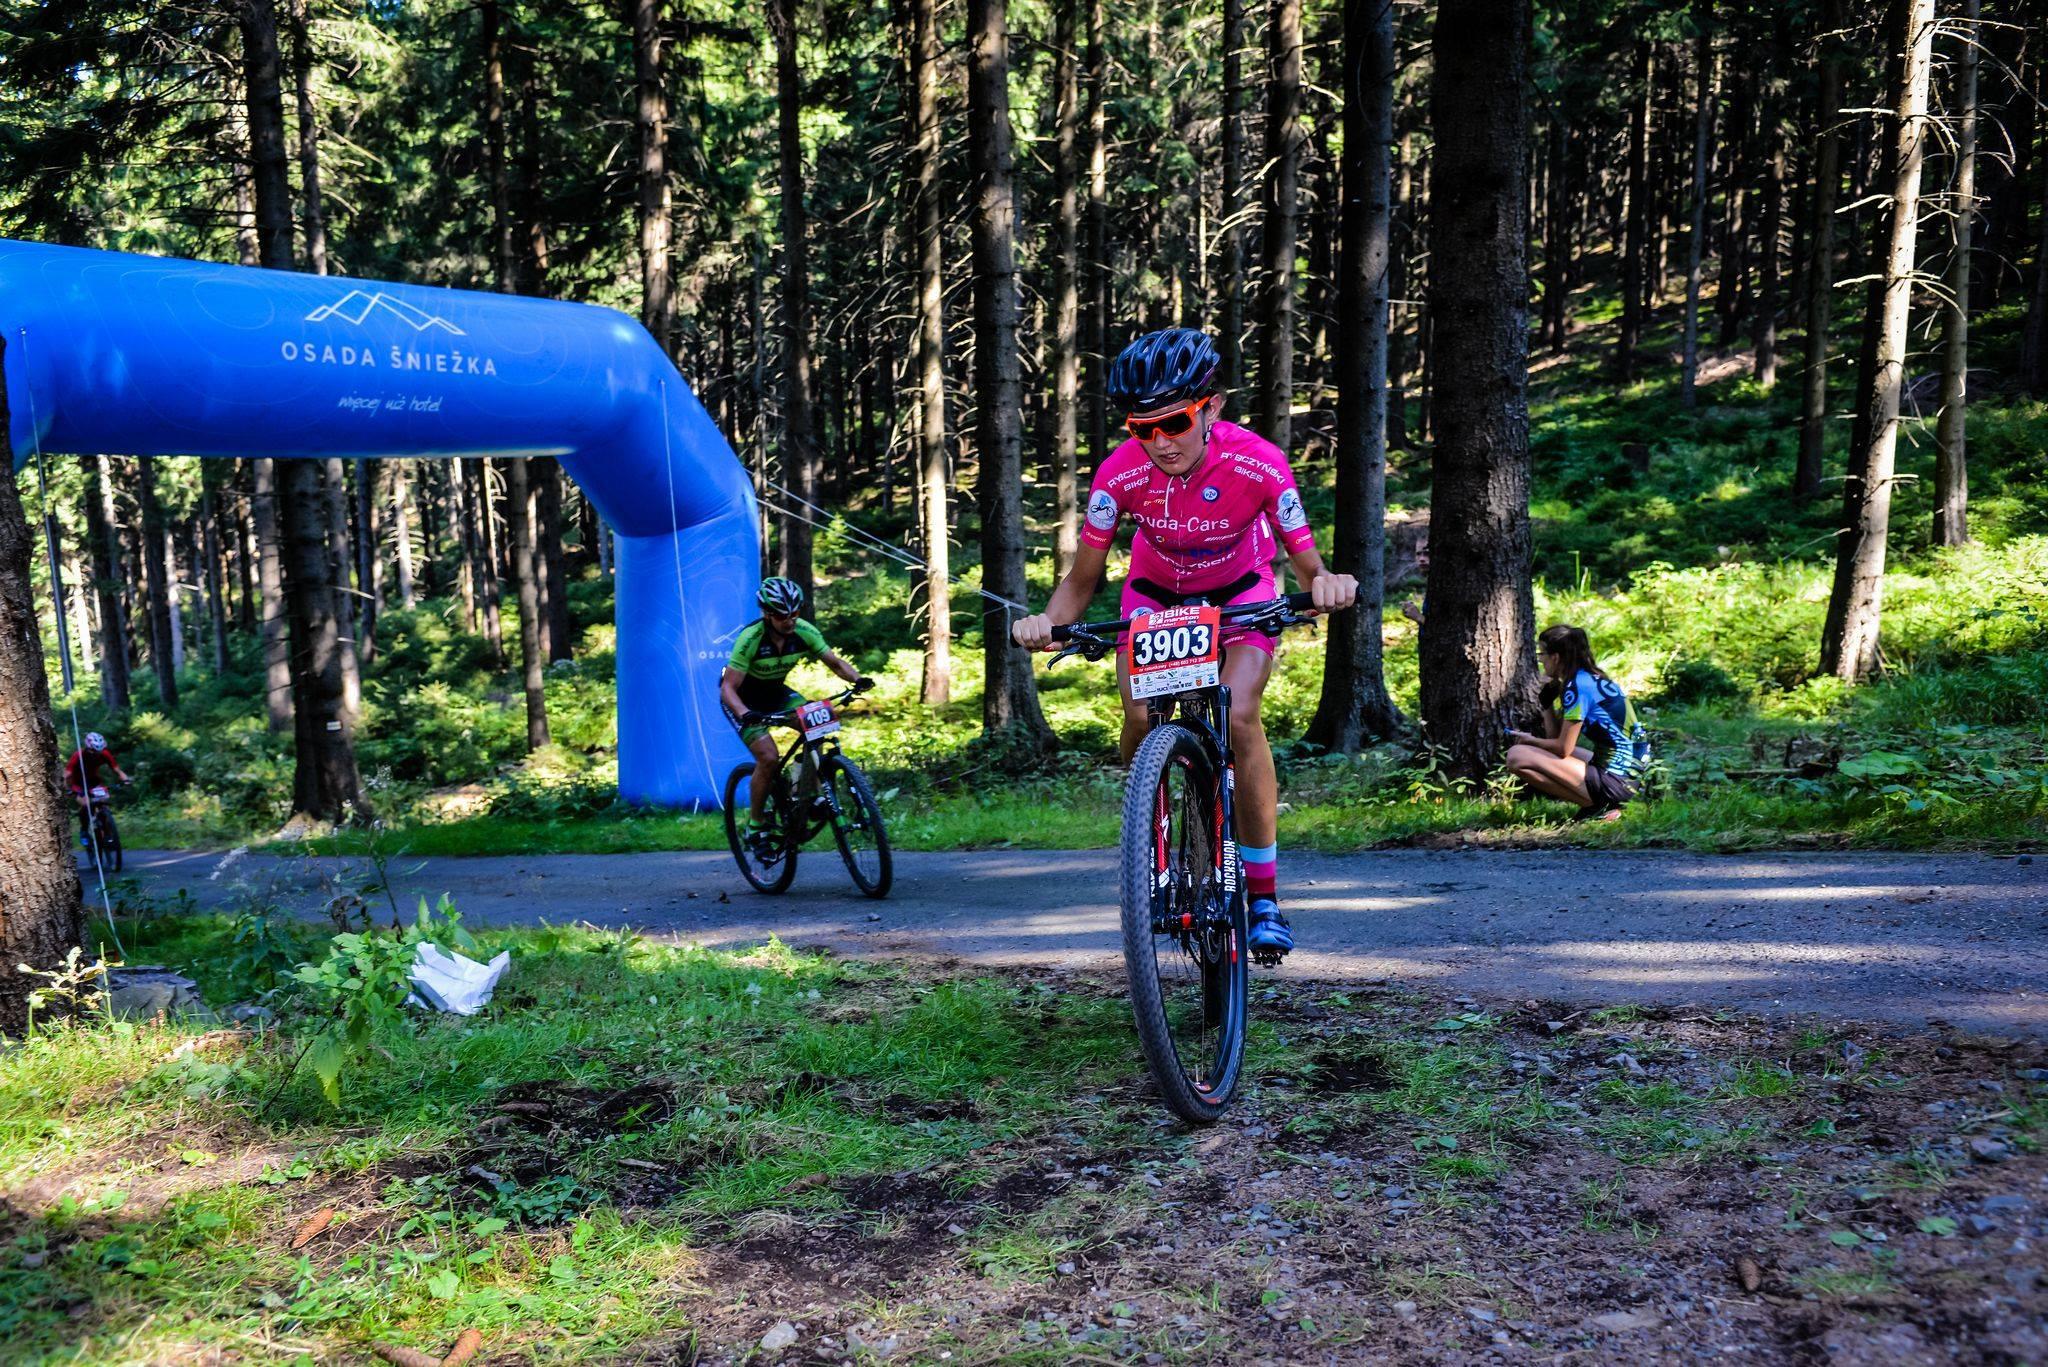 Paulina Bielińska (Duda Cars TP-LINK Rybczyński Bikes) – Mistrzostwa Polski w Maratonie MTB, Jelenia Góra